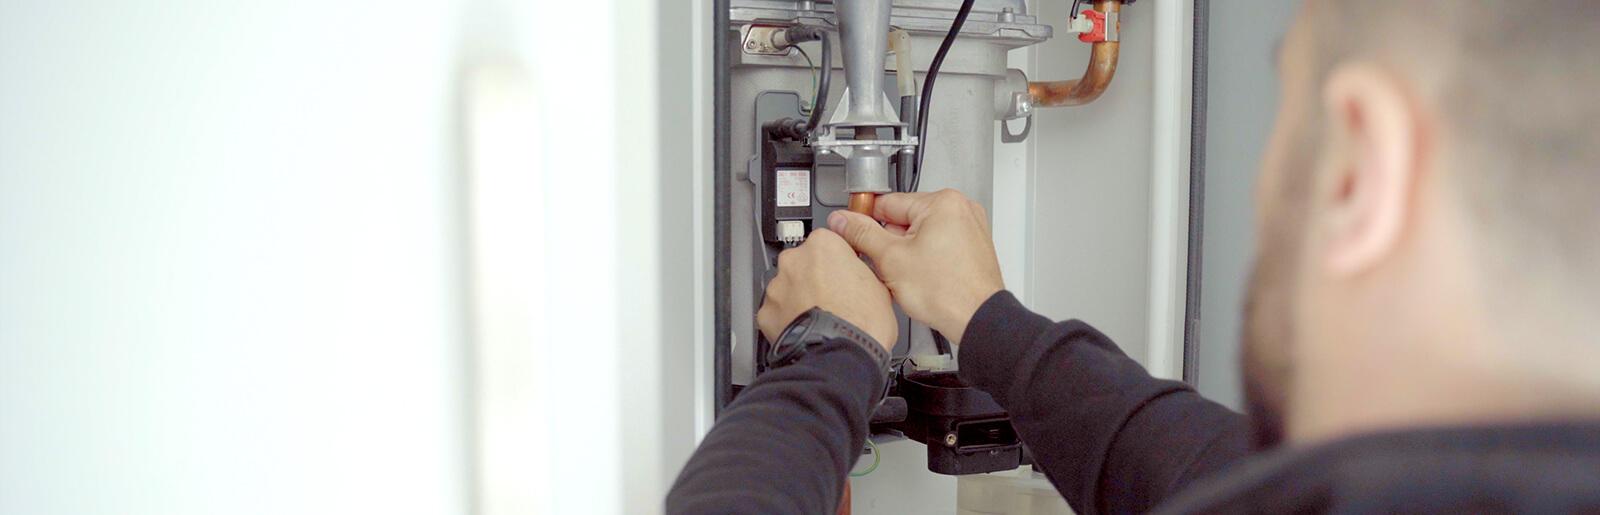 boiler repair wakefield